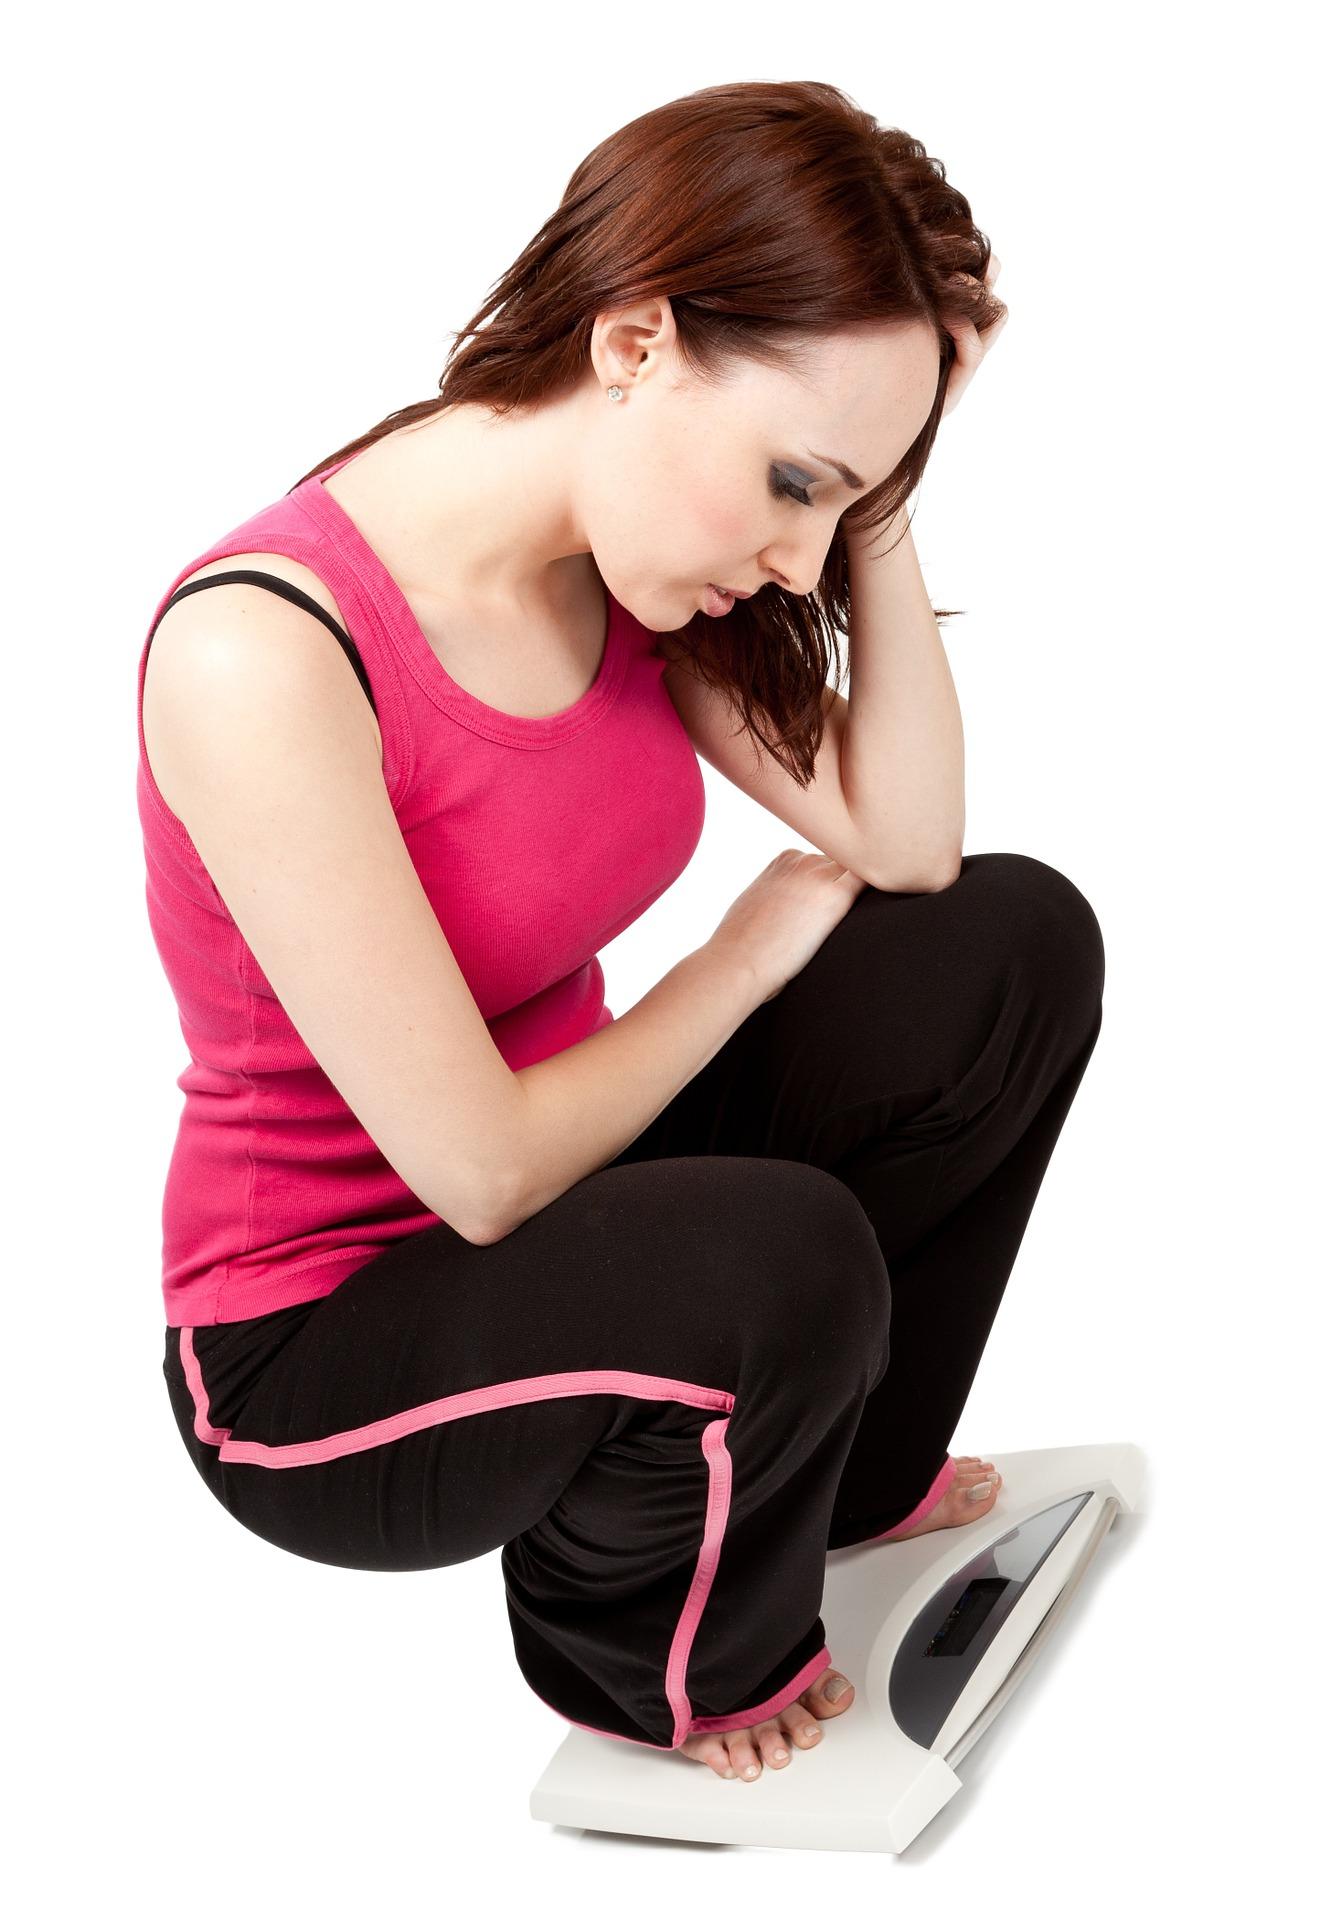 stagnace v redukční diete